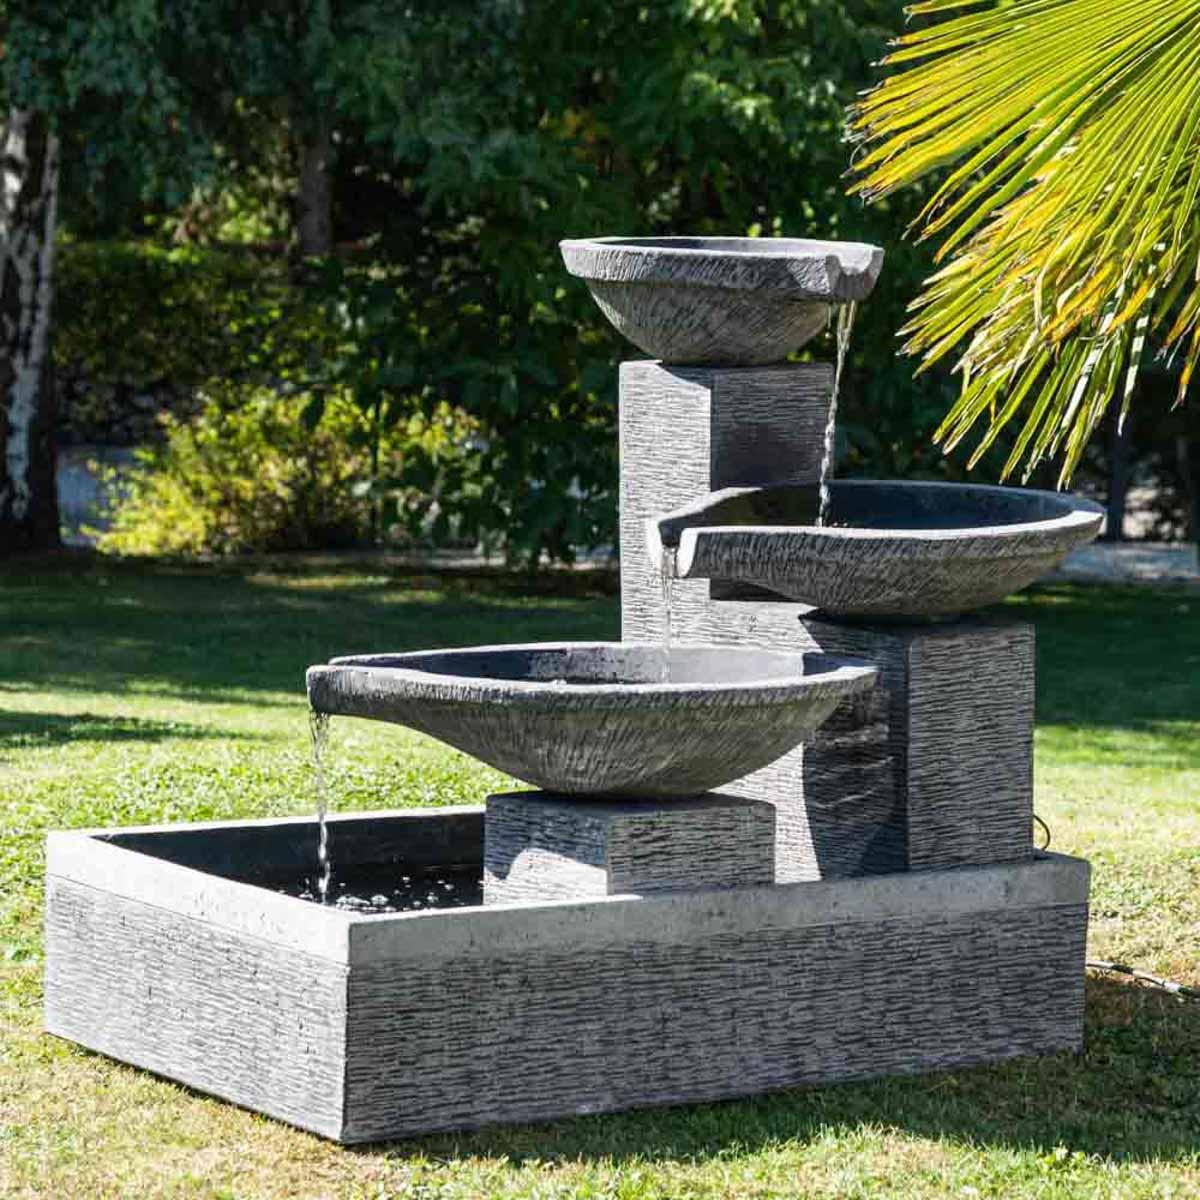 Bassin Fontaine De Jardin fontaine de jardin à débordement bassin 3 vasques noire grise